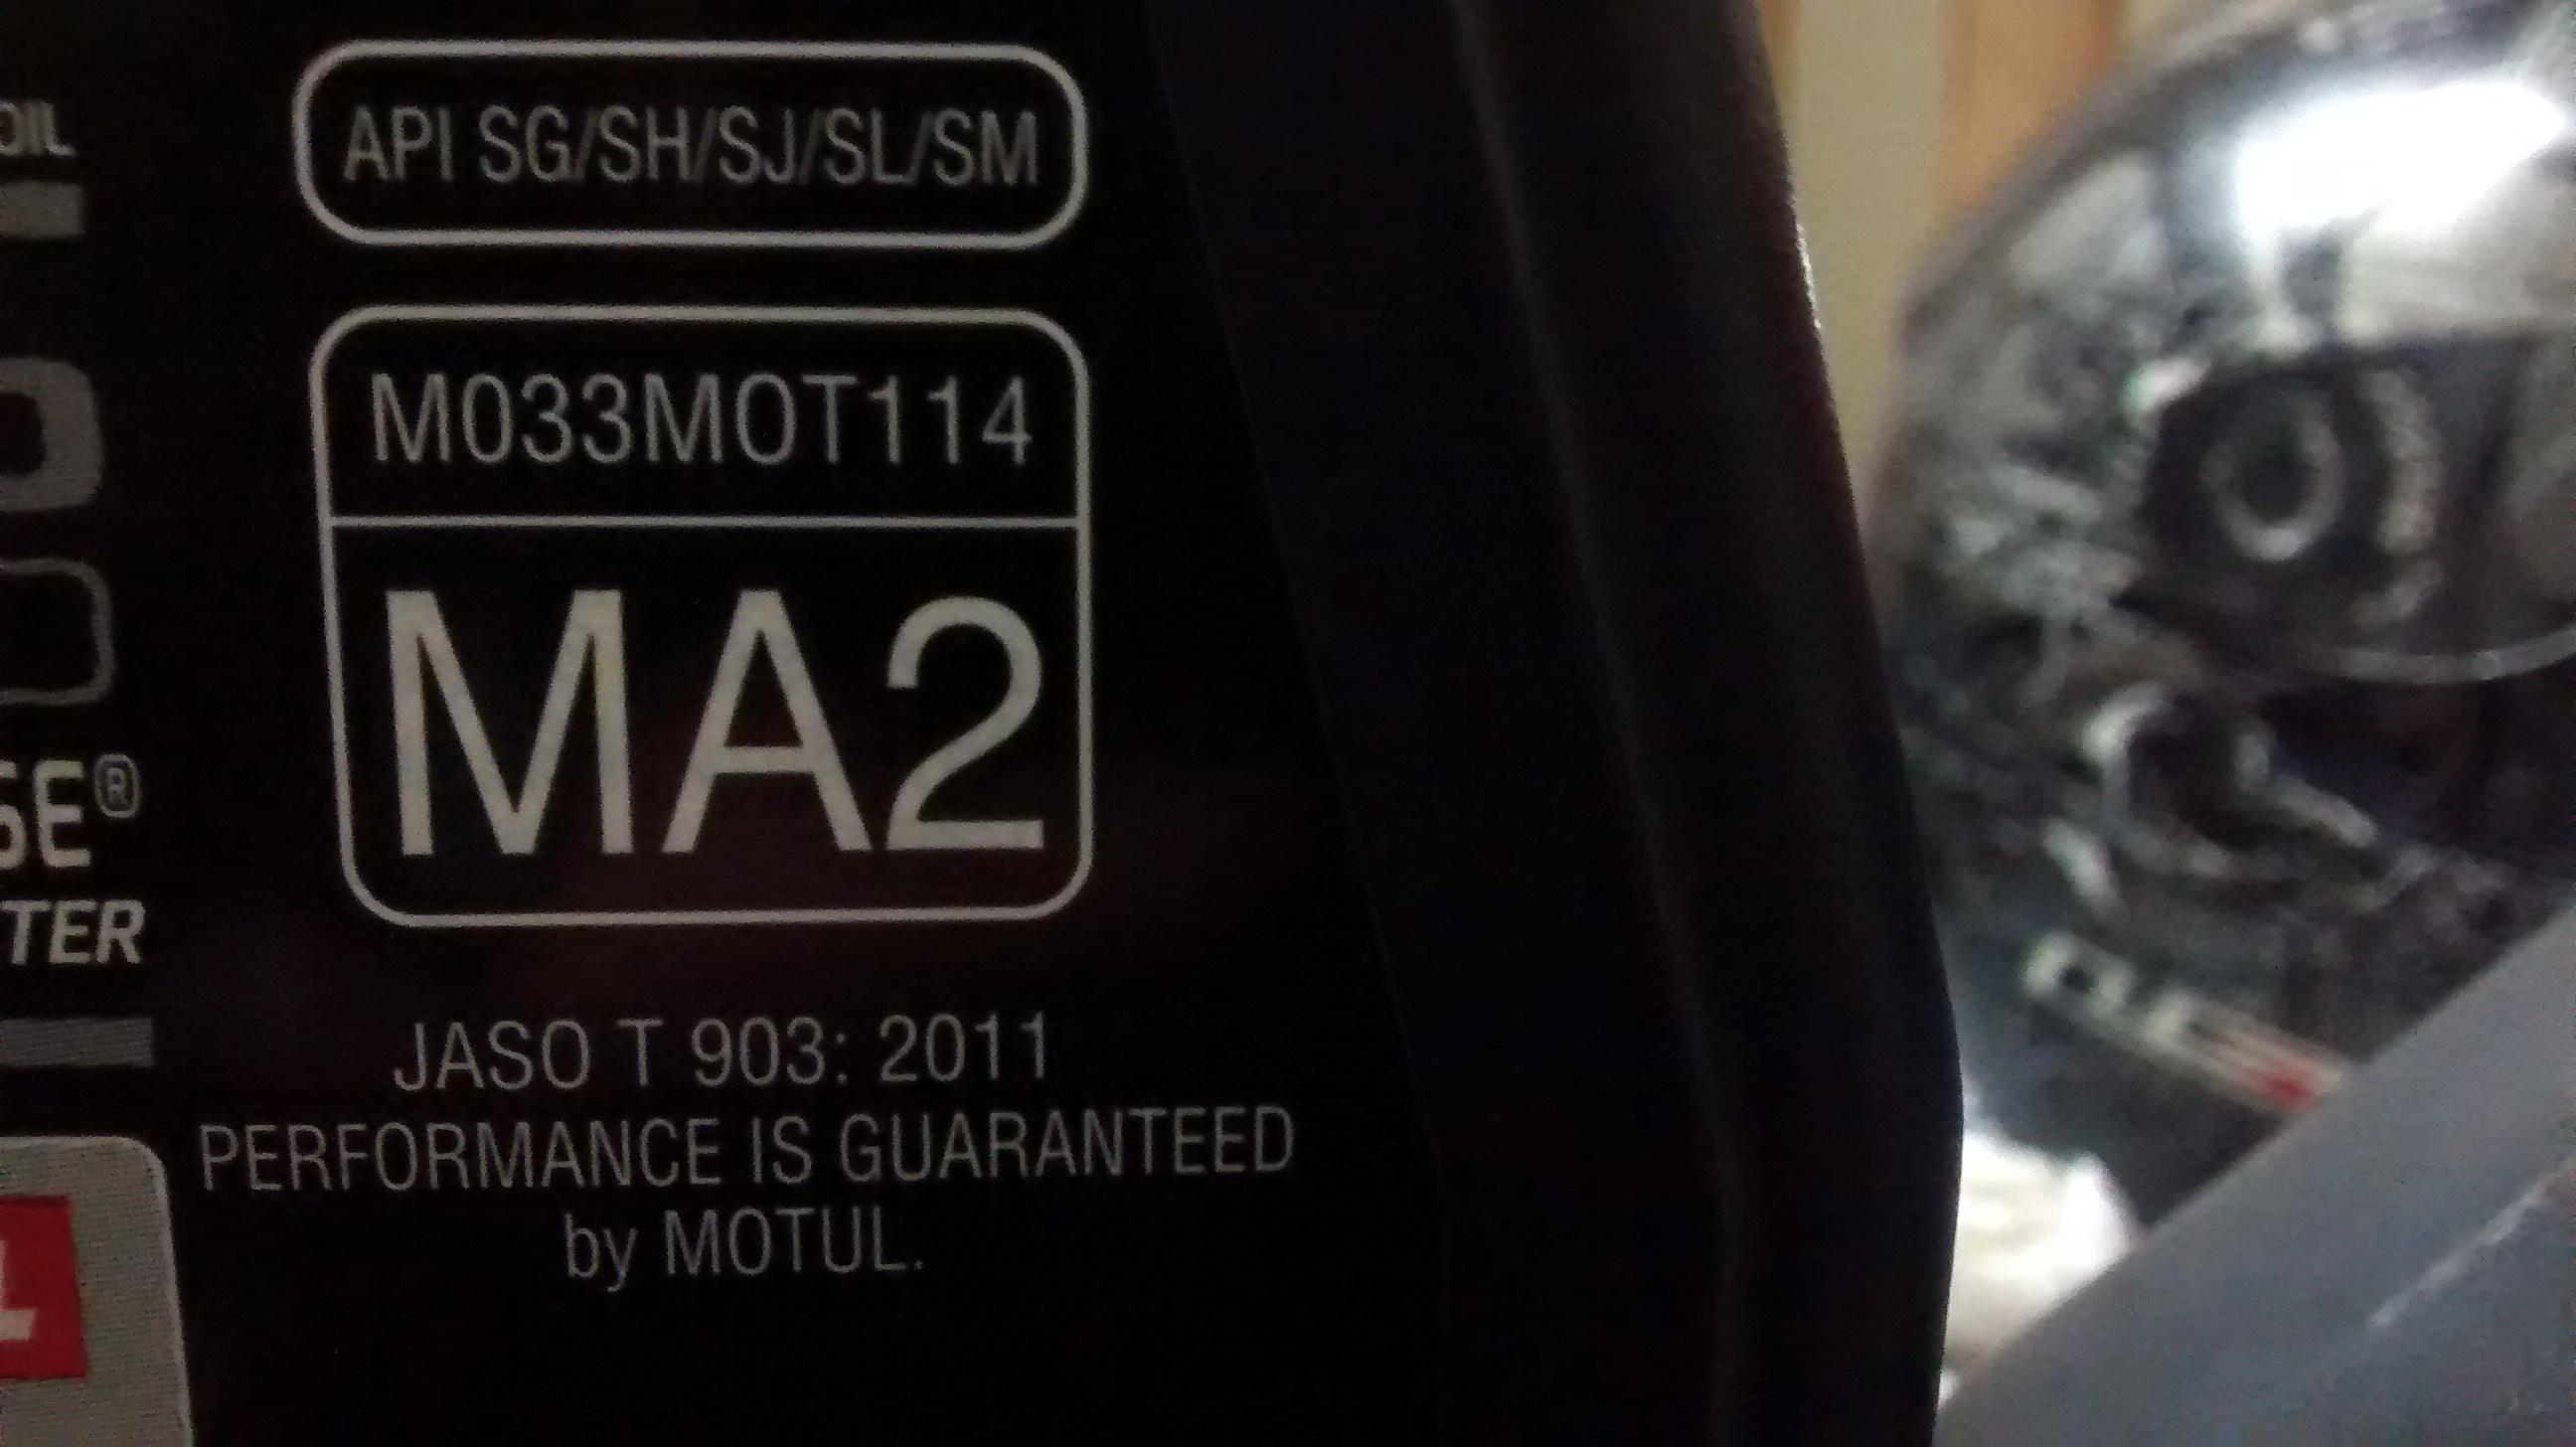 Misturar dois óleos motul 5100 15w50 MA e MA2 E7f5e0c29d38b532298e507e01d1a74985348e65